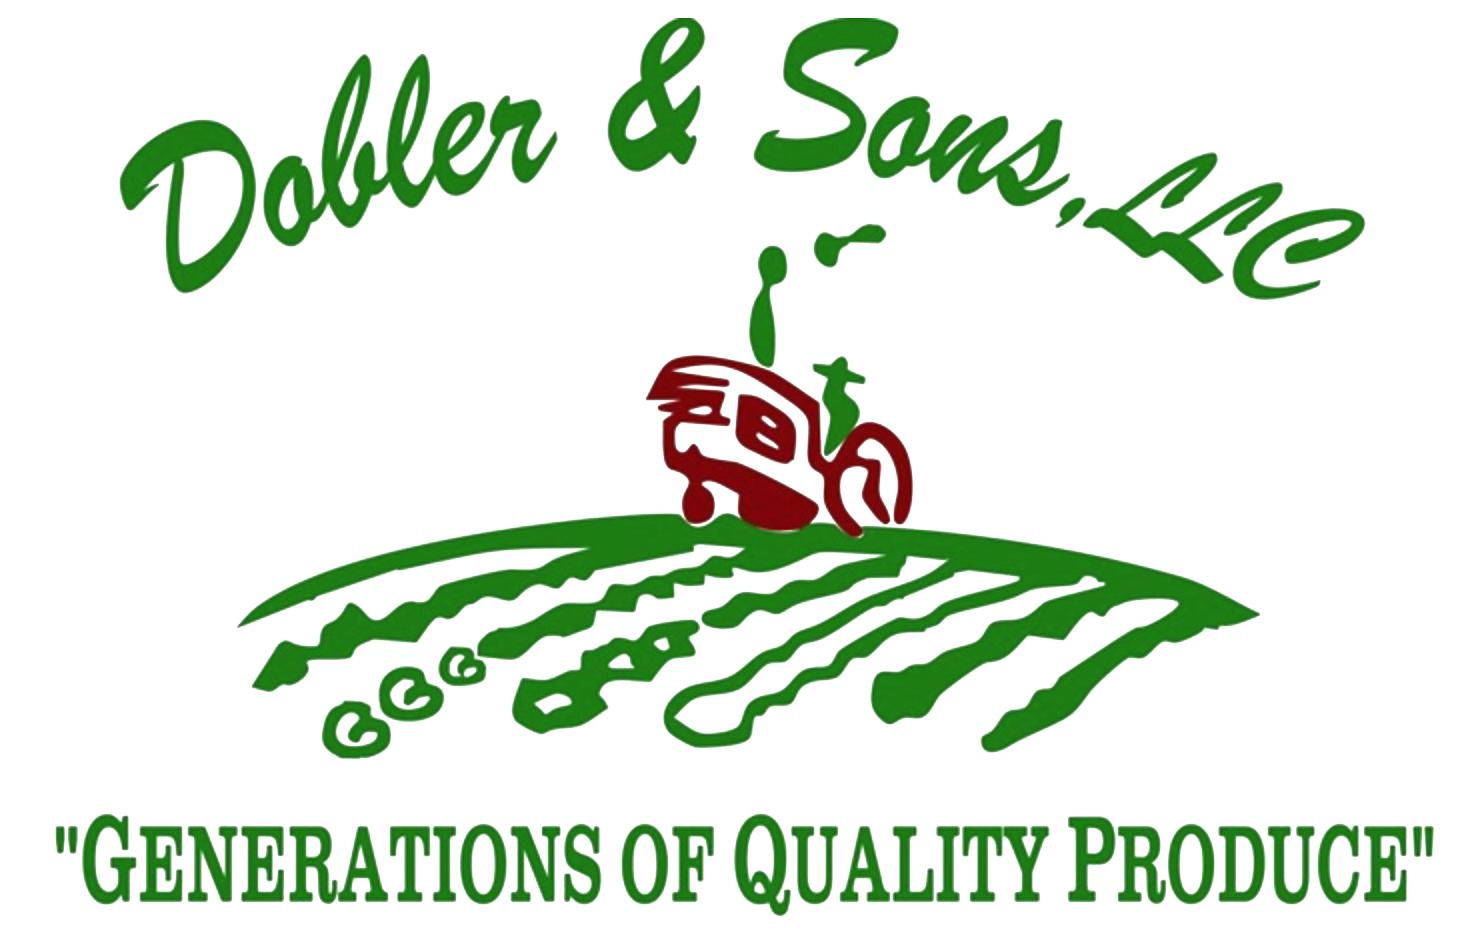 Dobler & Sons